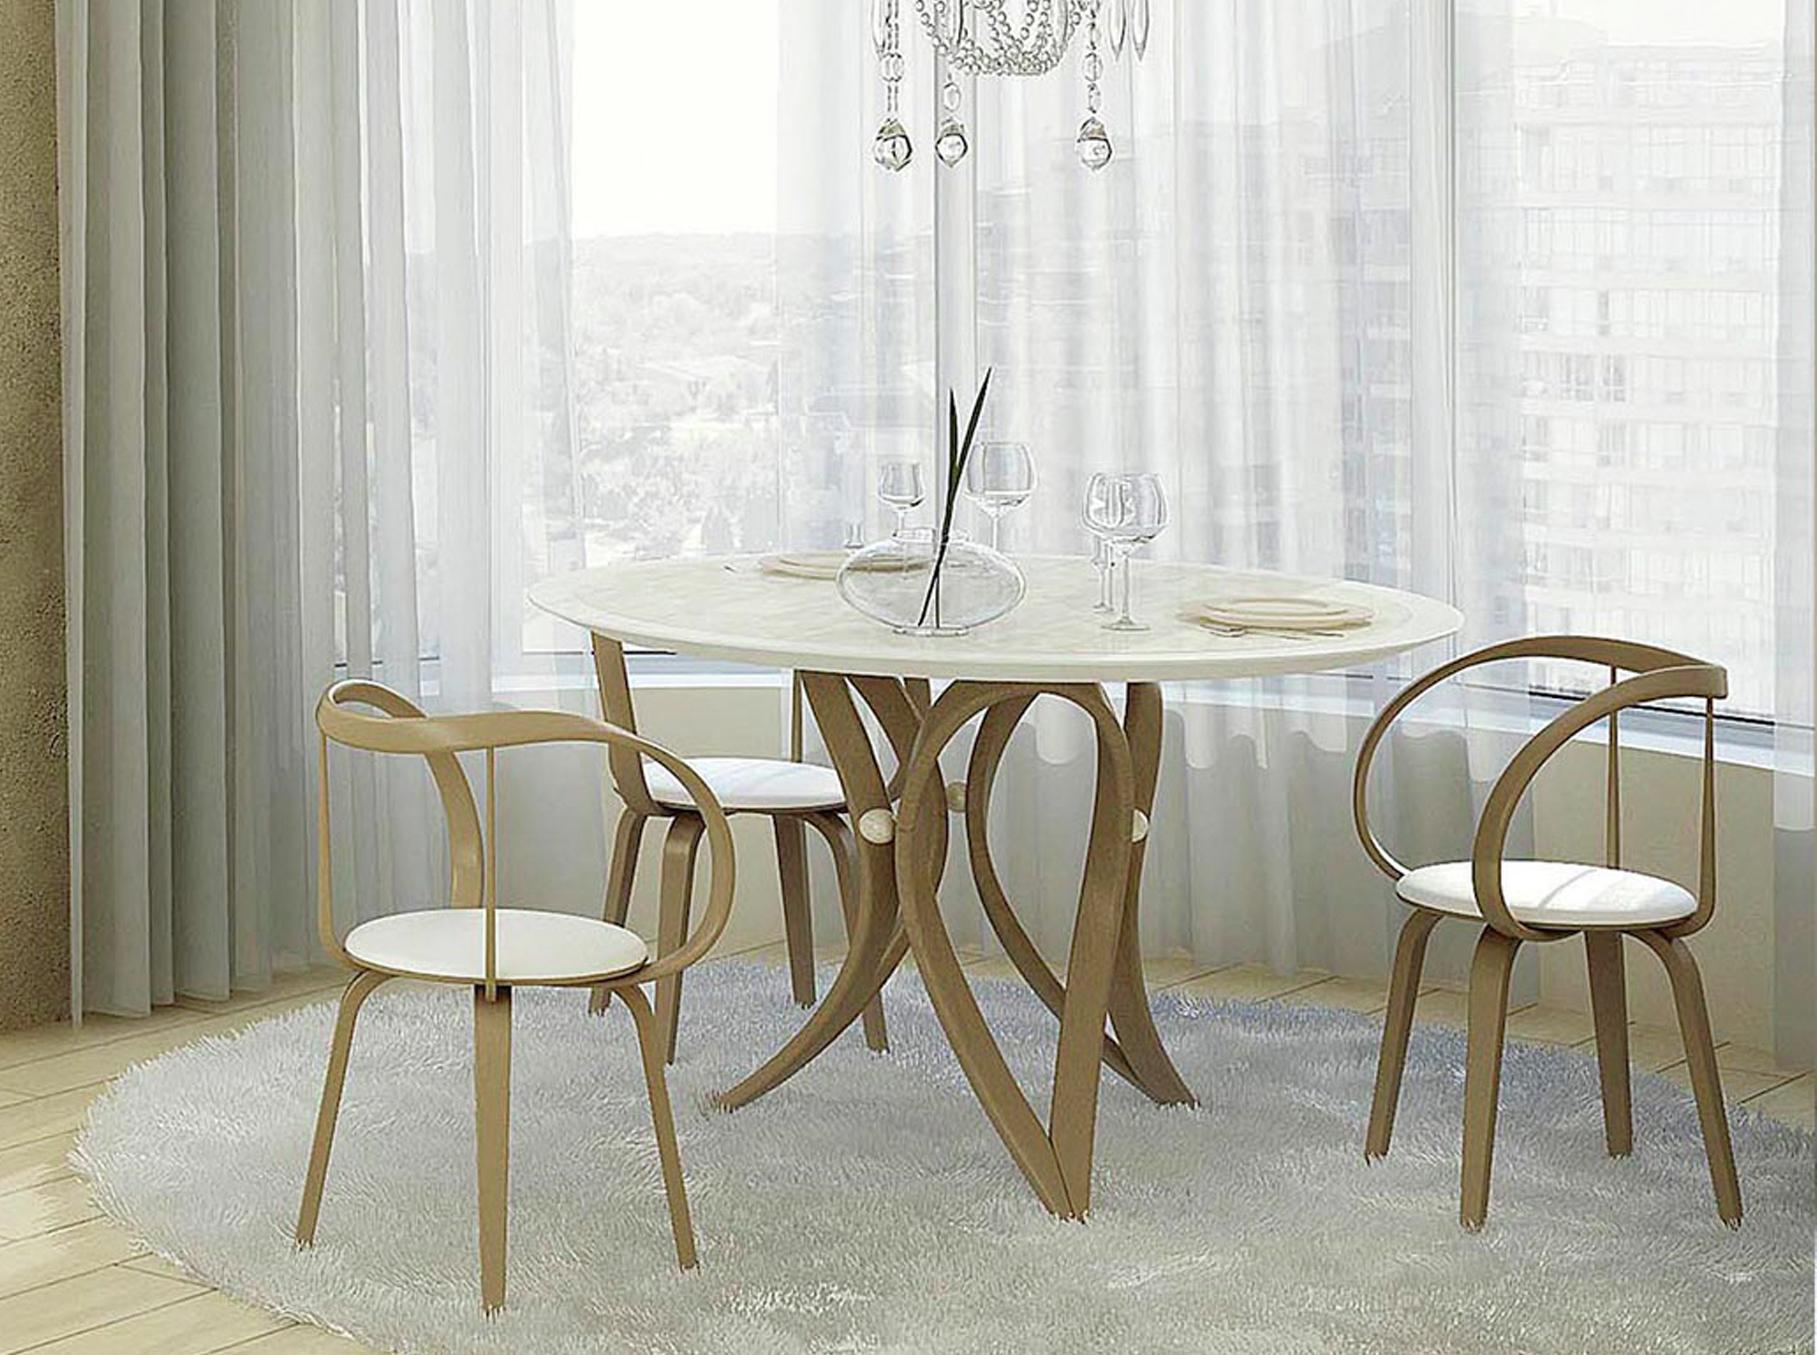 лучших интерьеров, обеденные столы для столовой в картинках продается рулонах, режется